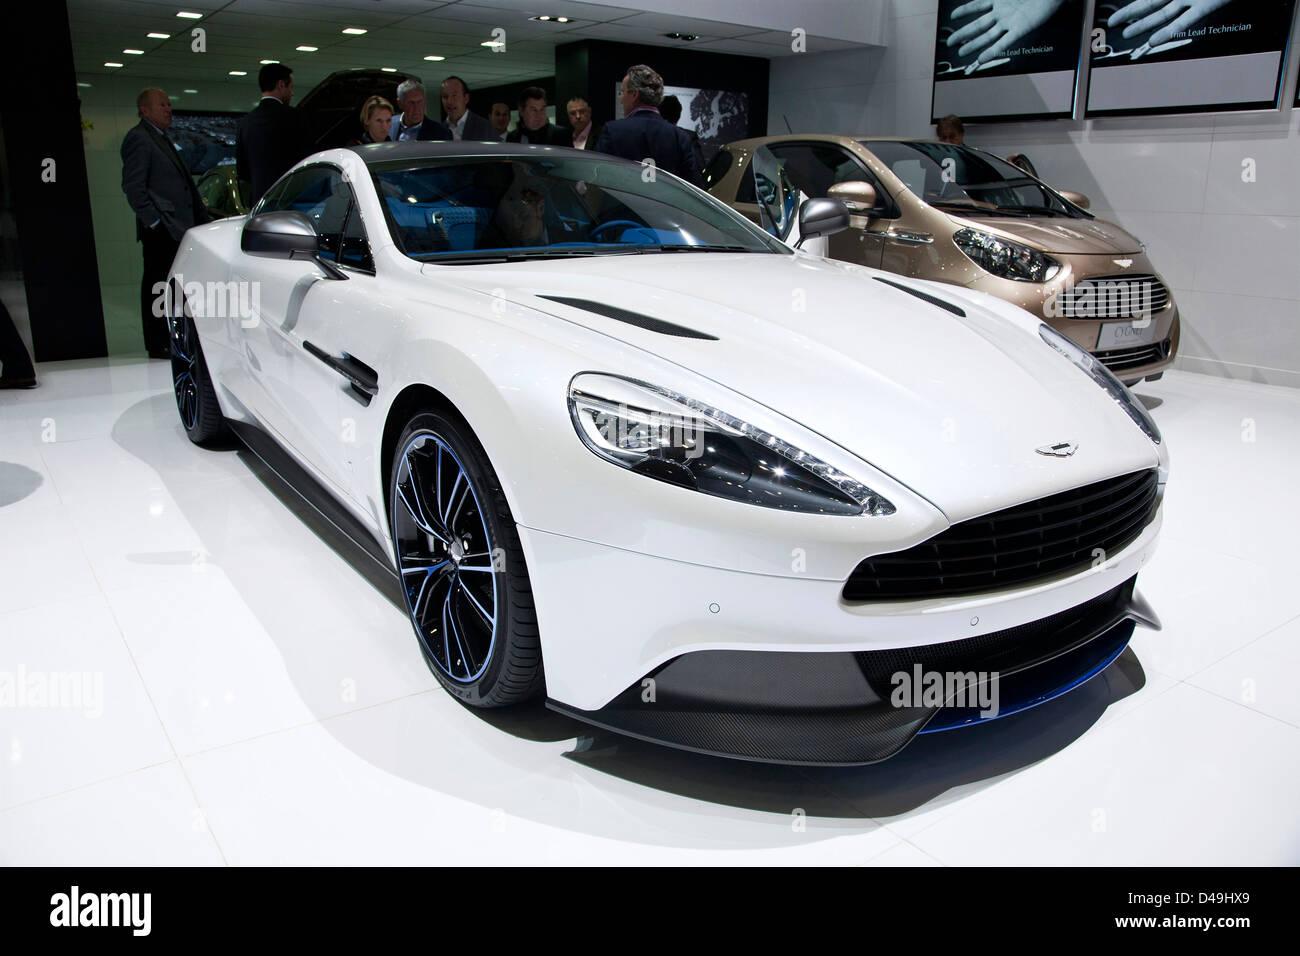 Aston Martin Q zu besiegen. Genfer Autosalon 2013 Stockbild